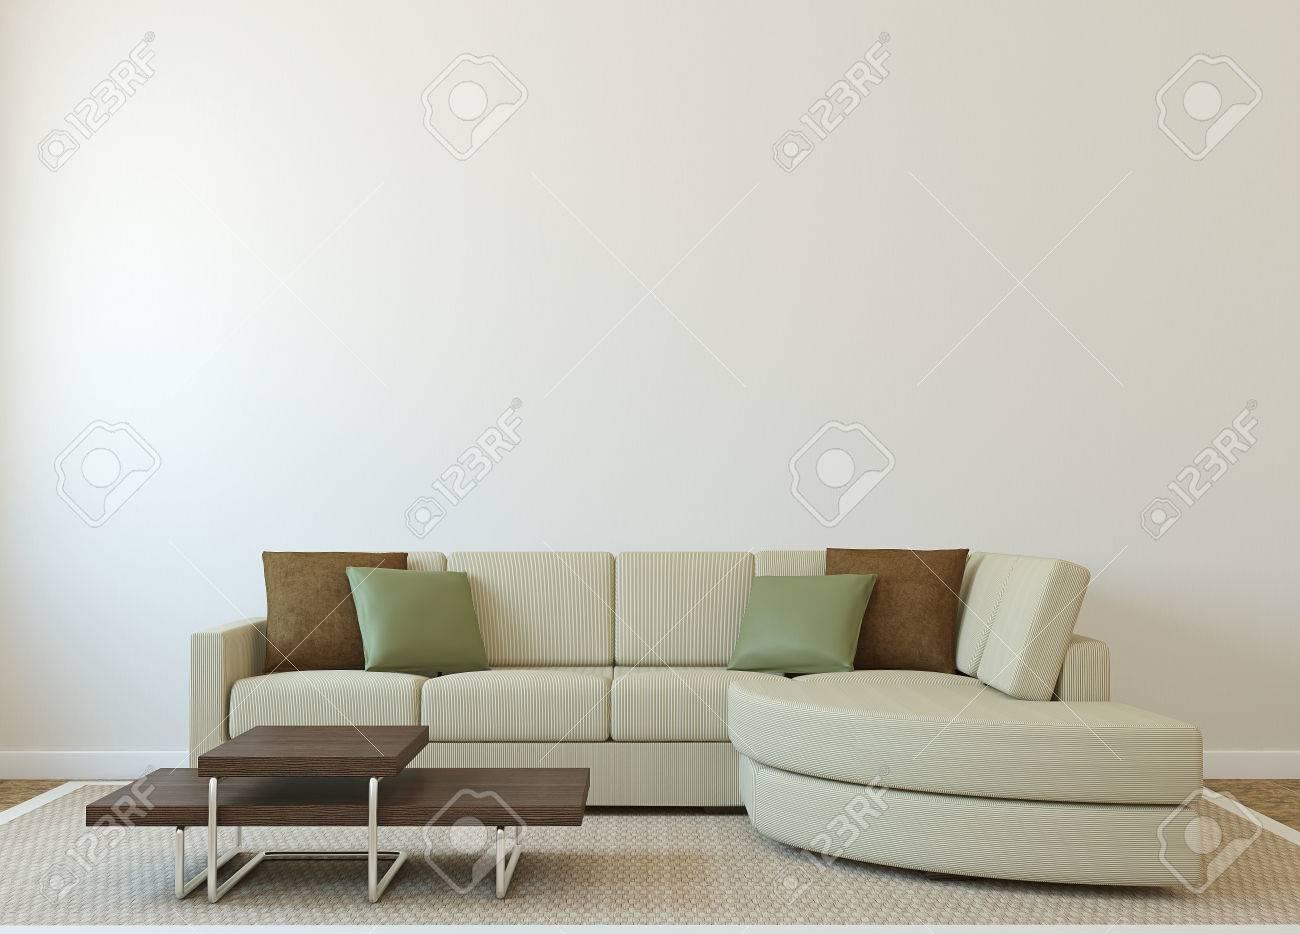 Intérieur Moderne Salon Avec Canapé Presque Vide Mur Beige 3d